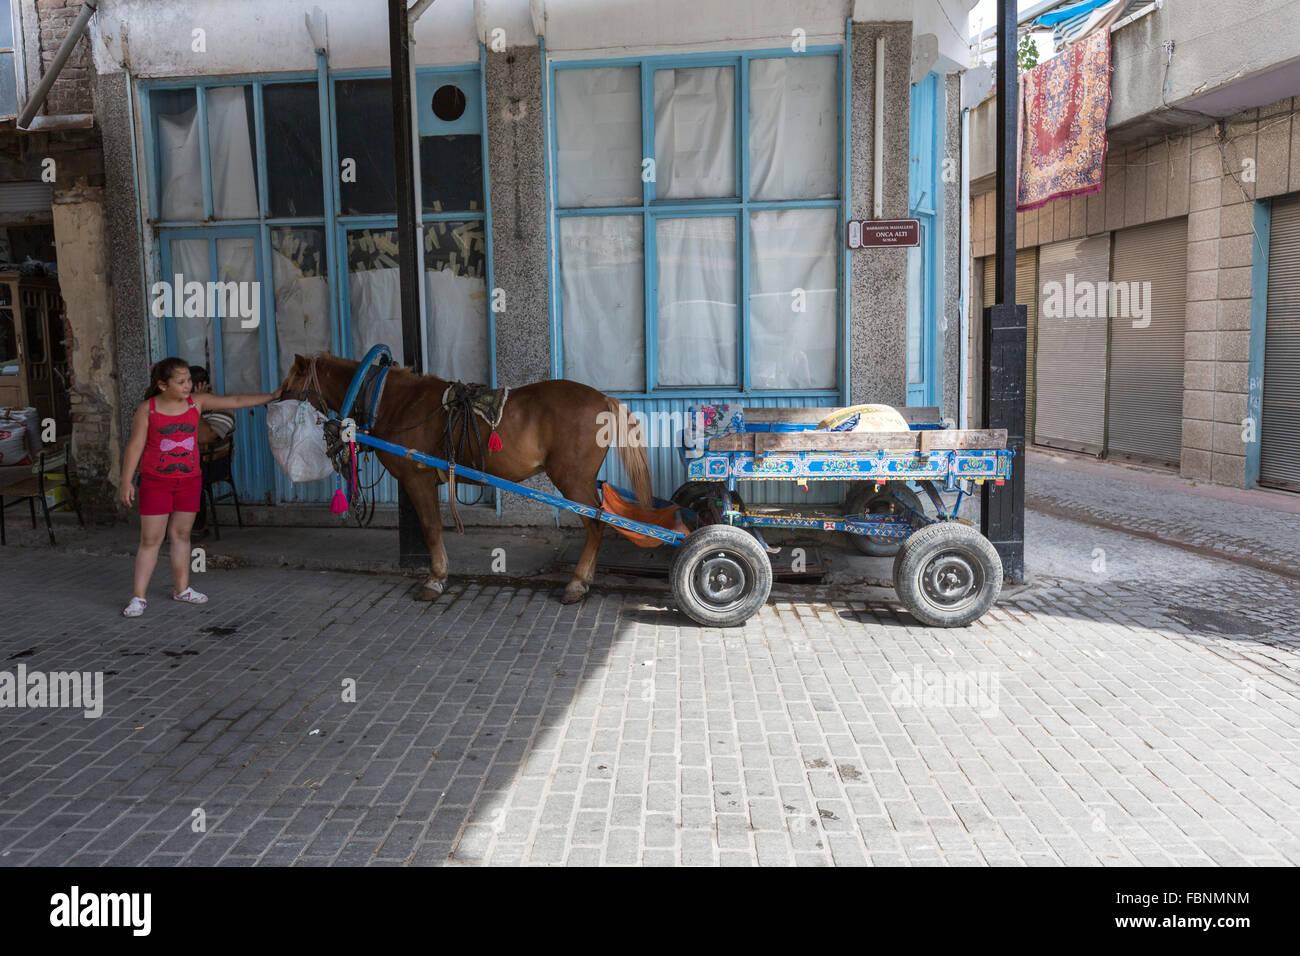 Chica tocando un pony en el bazar, Pergamon oOld Bergama. Imagen De Stock